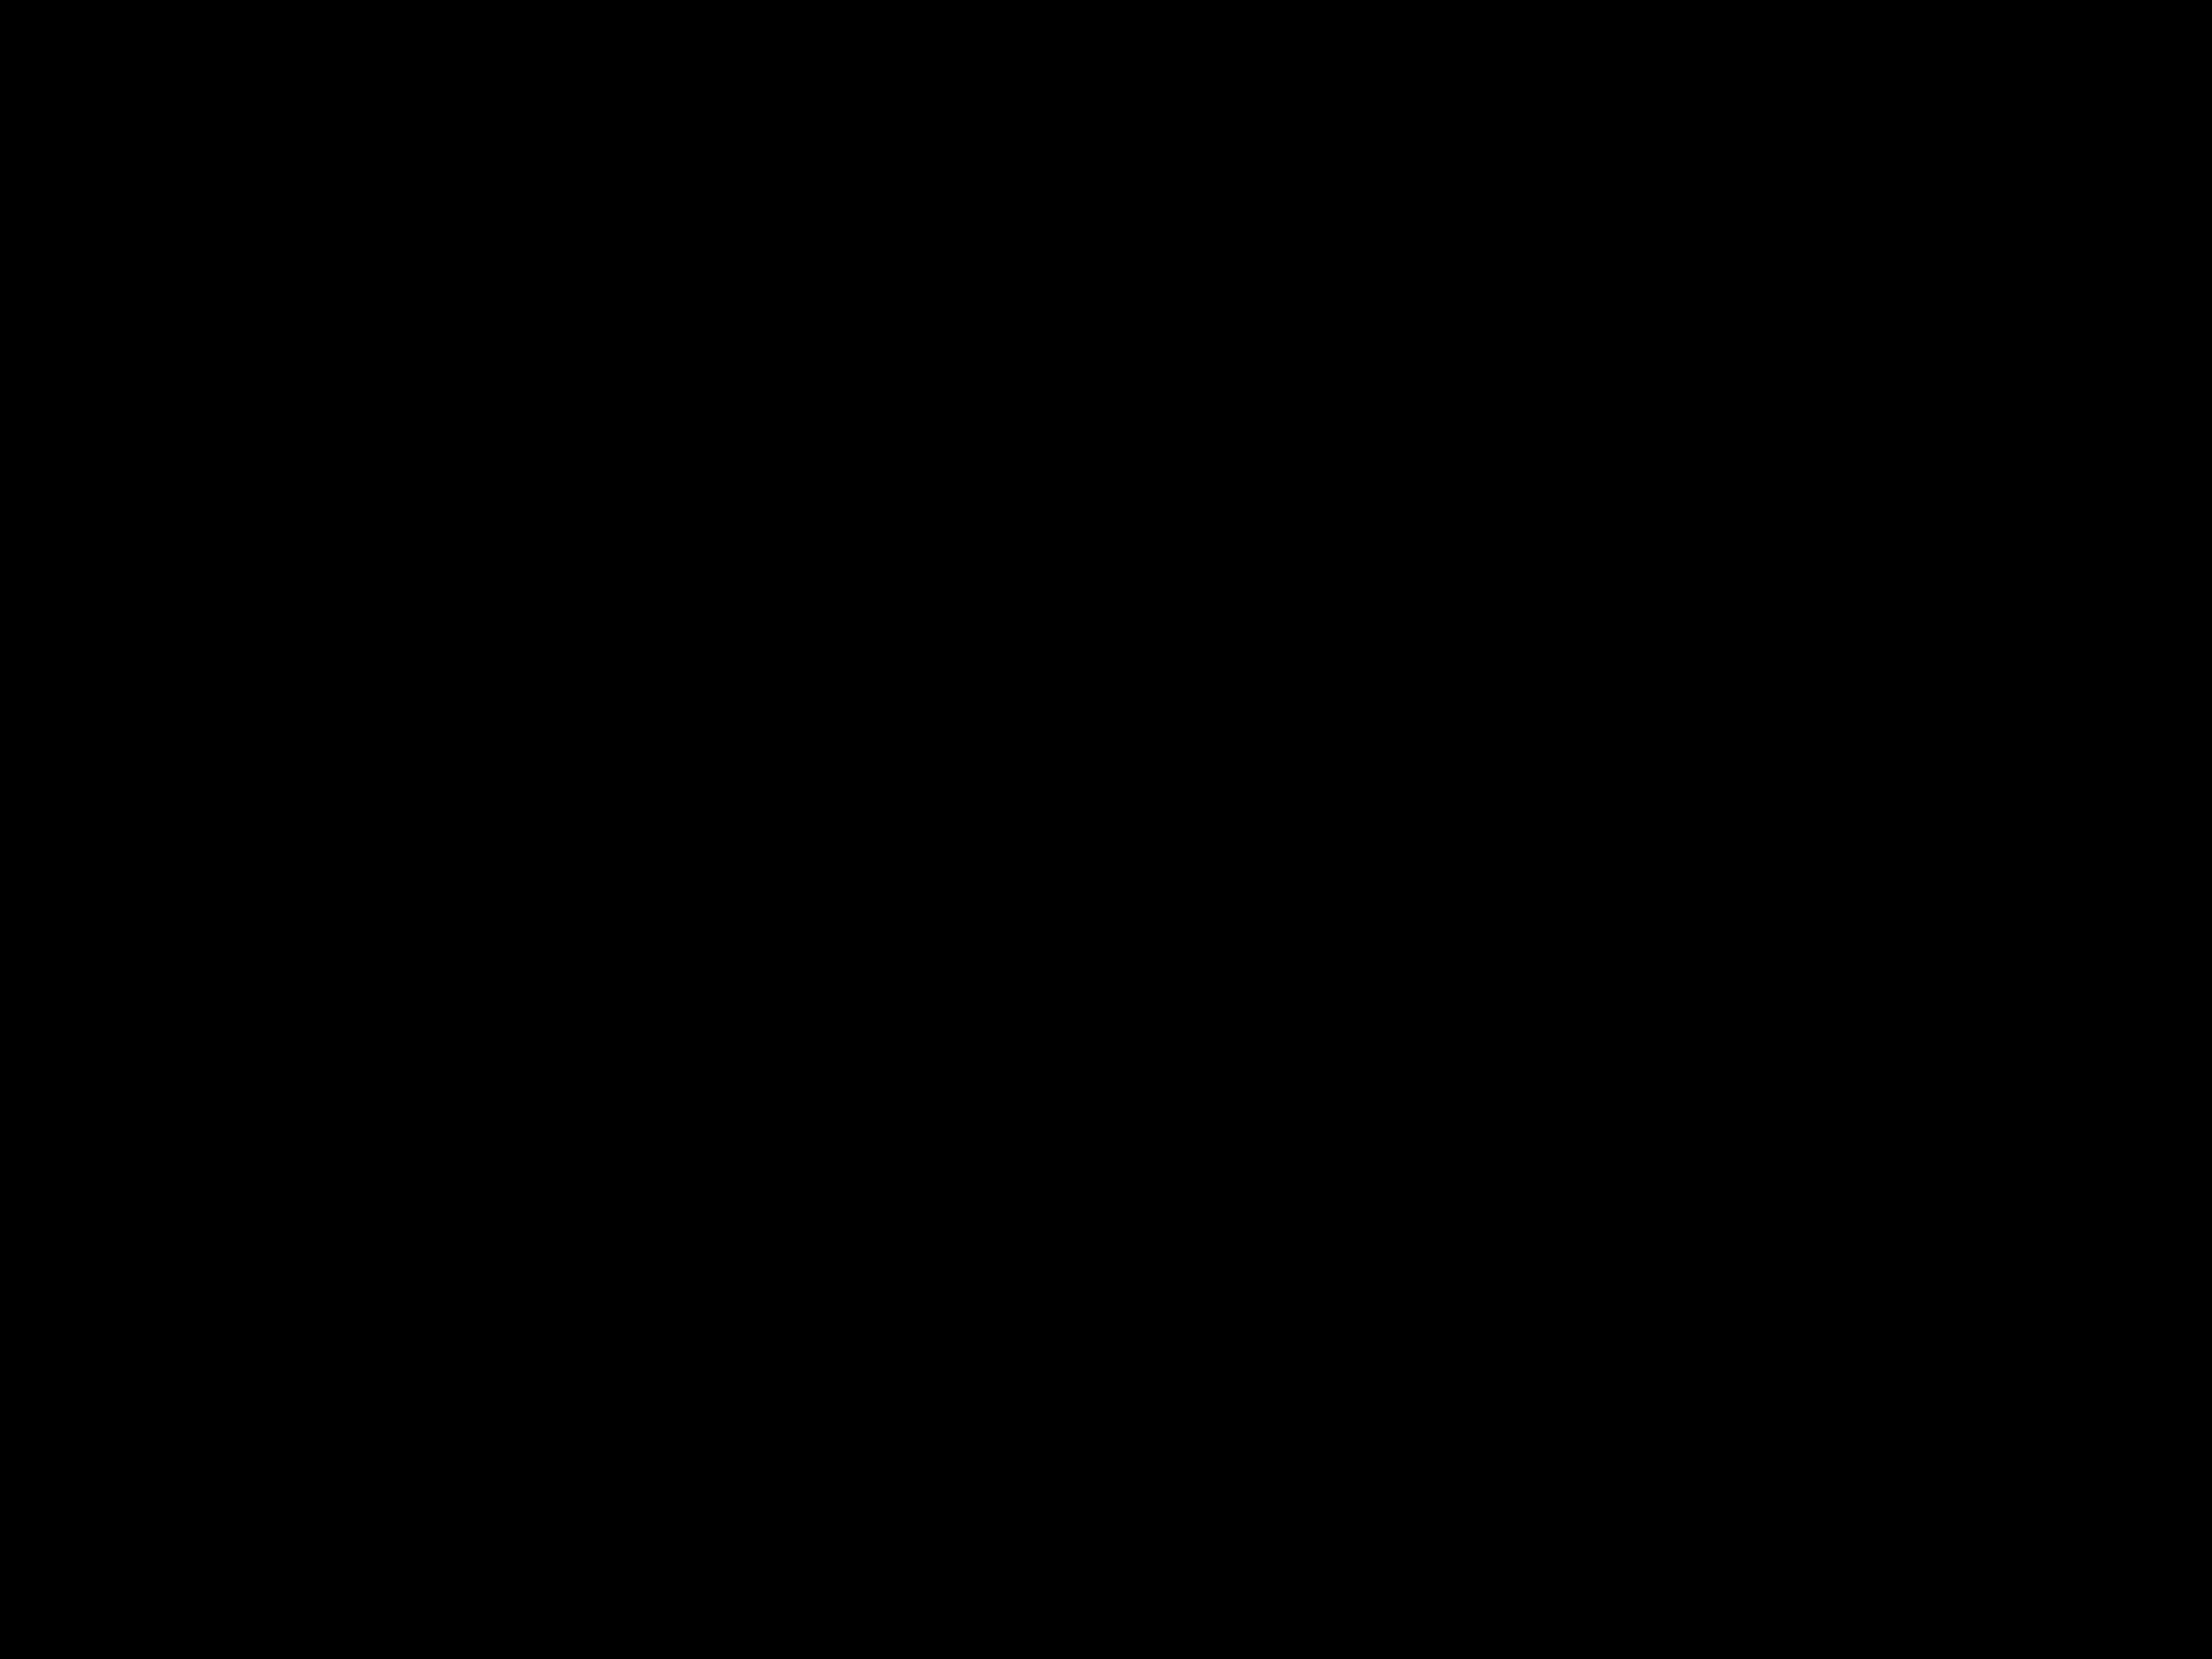 Kostenlose Applikationsvorlagen Autos Applikation Vorlagen Applikationsvorlagen Applikationen